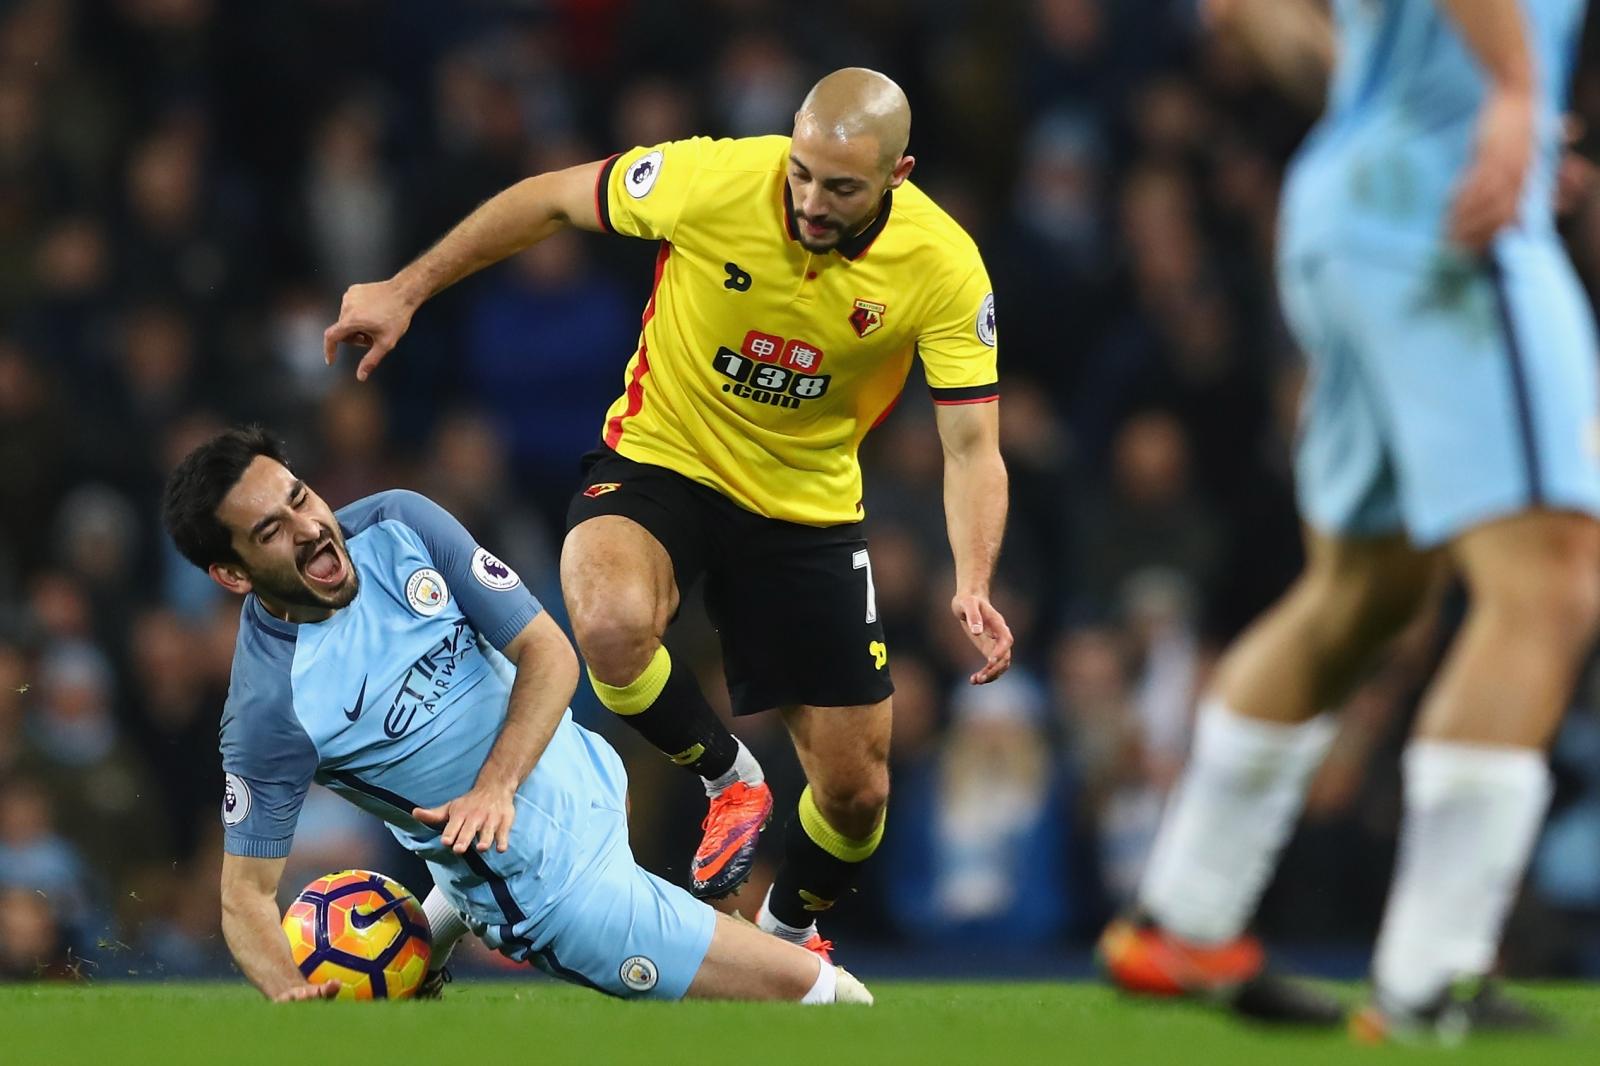 Ilkay Gundogan Manchester City confirm midfielder suffered